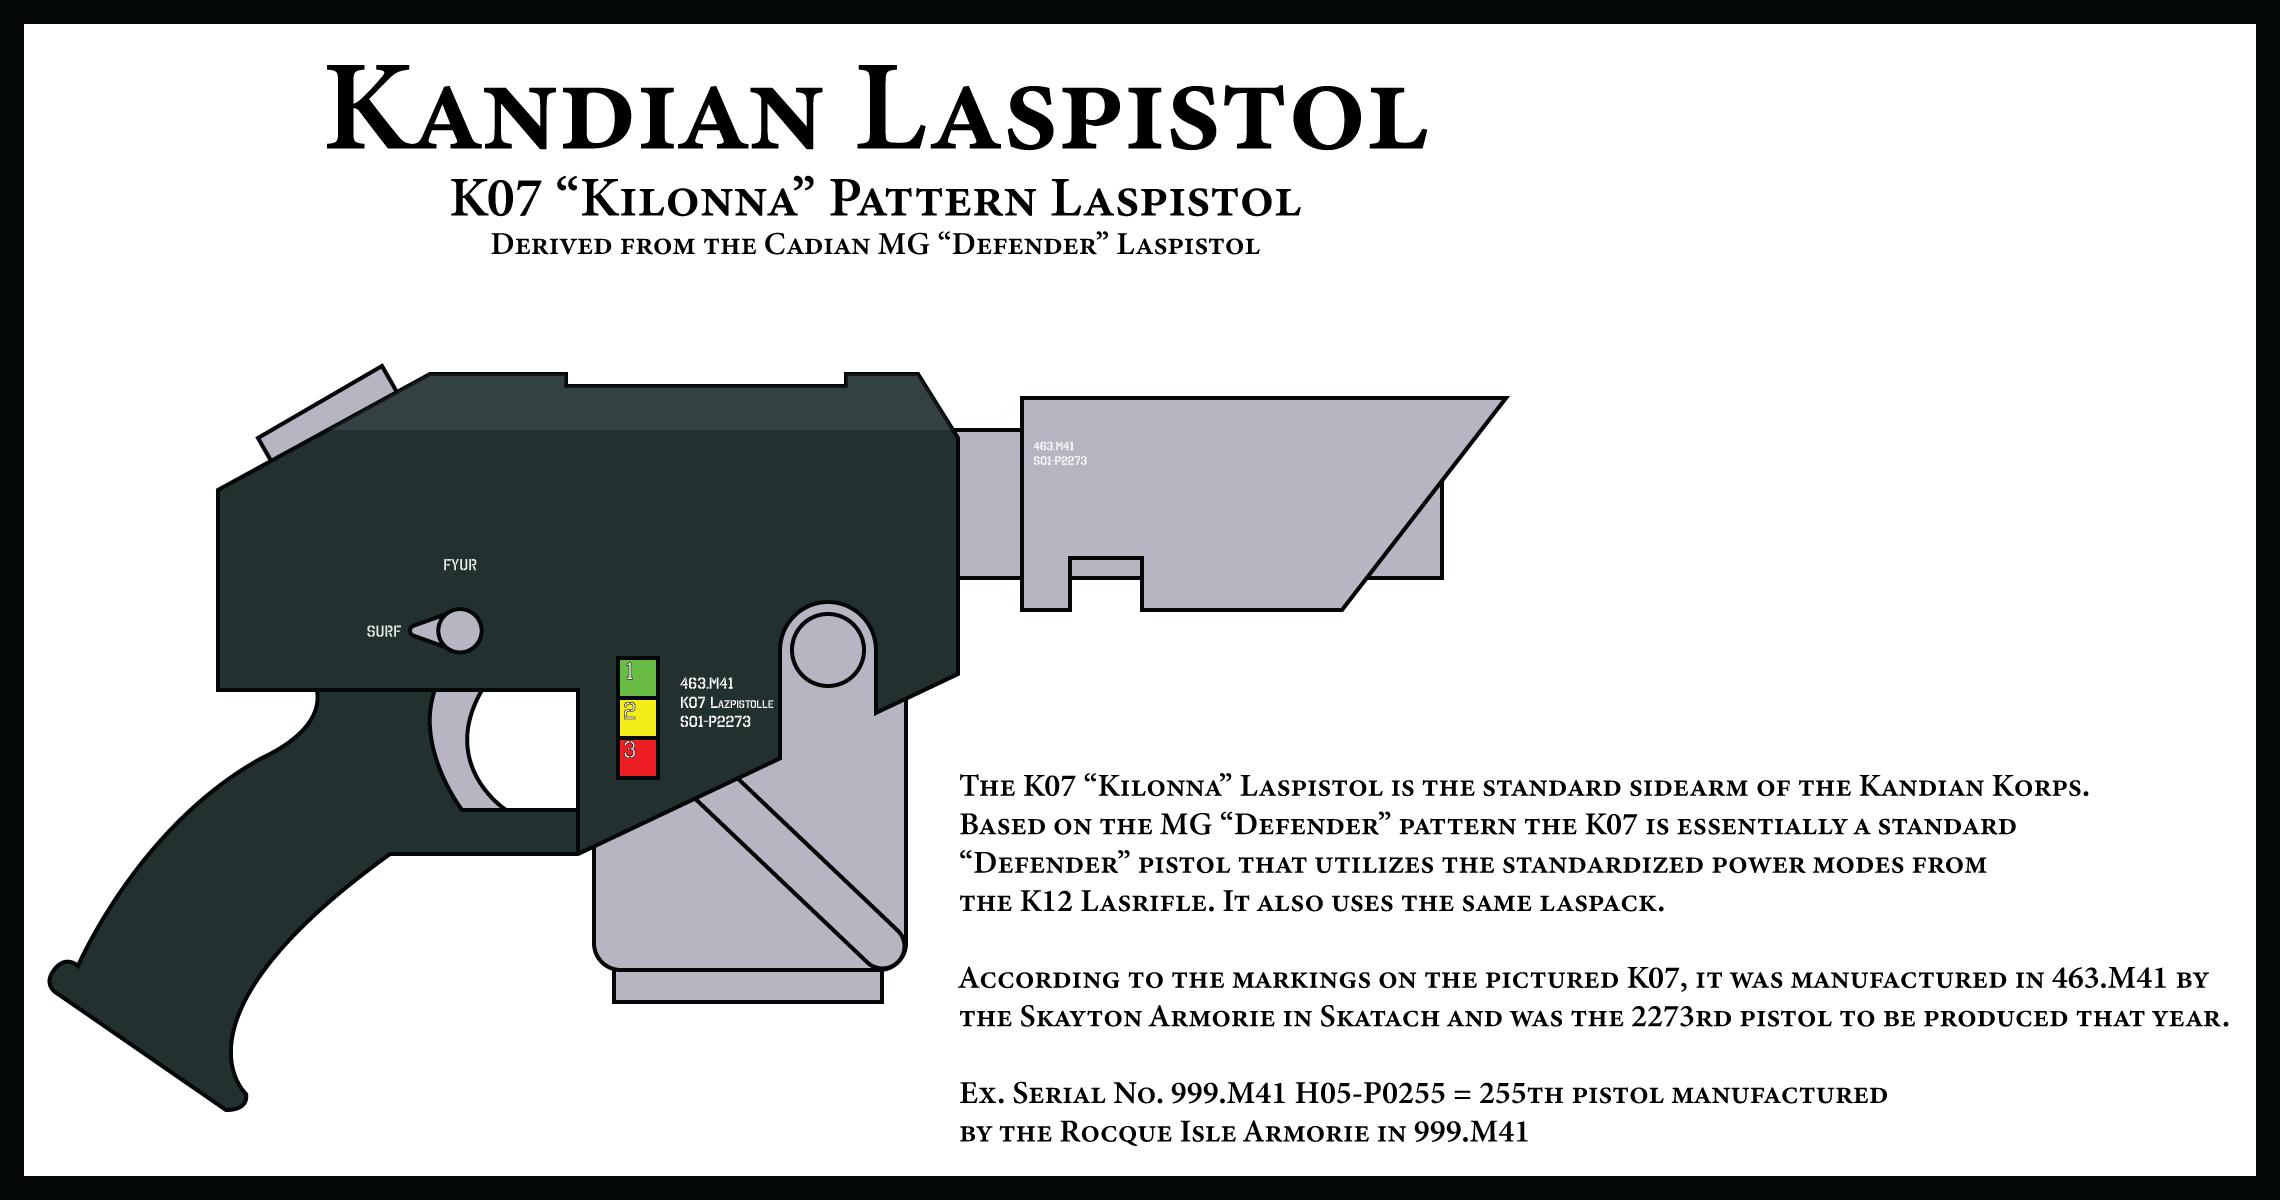 K07 Lazpistolle.png